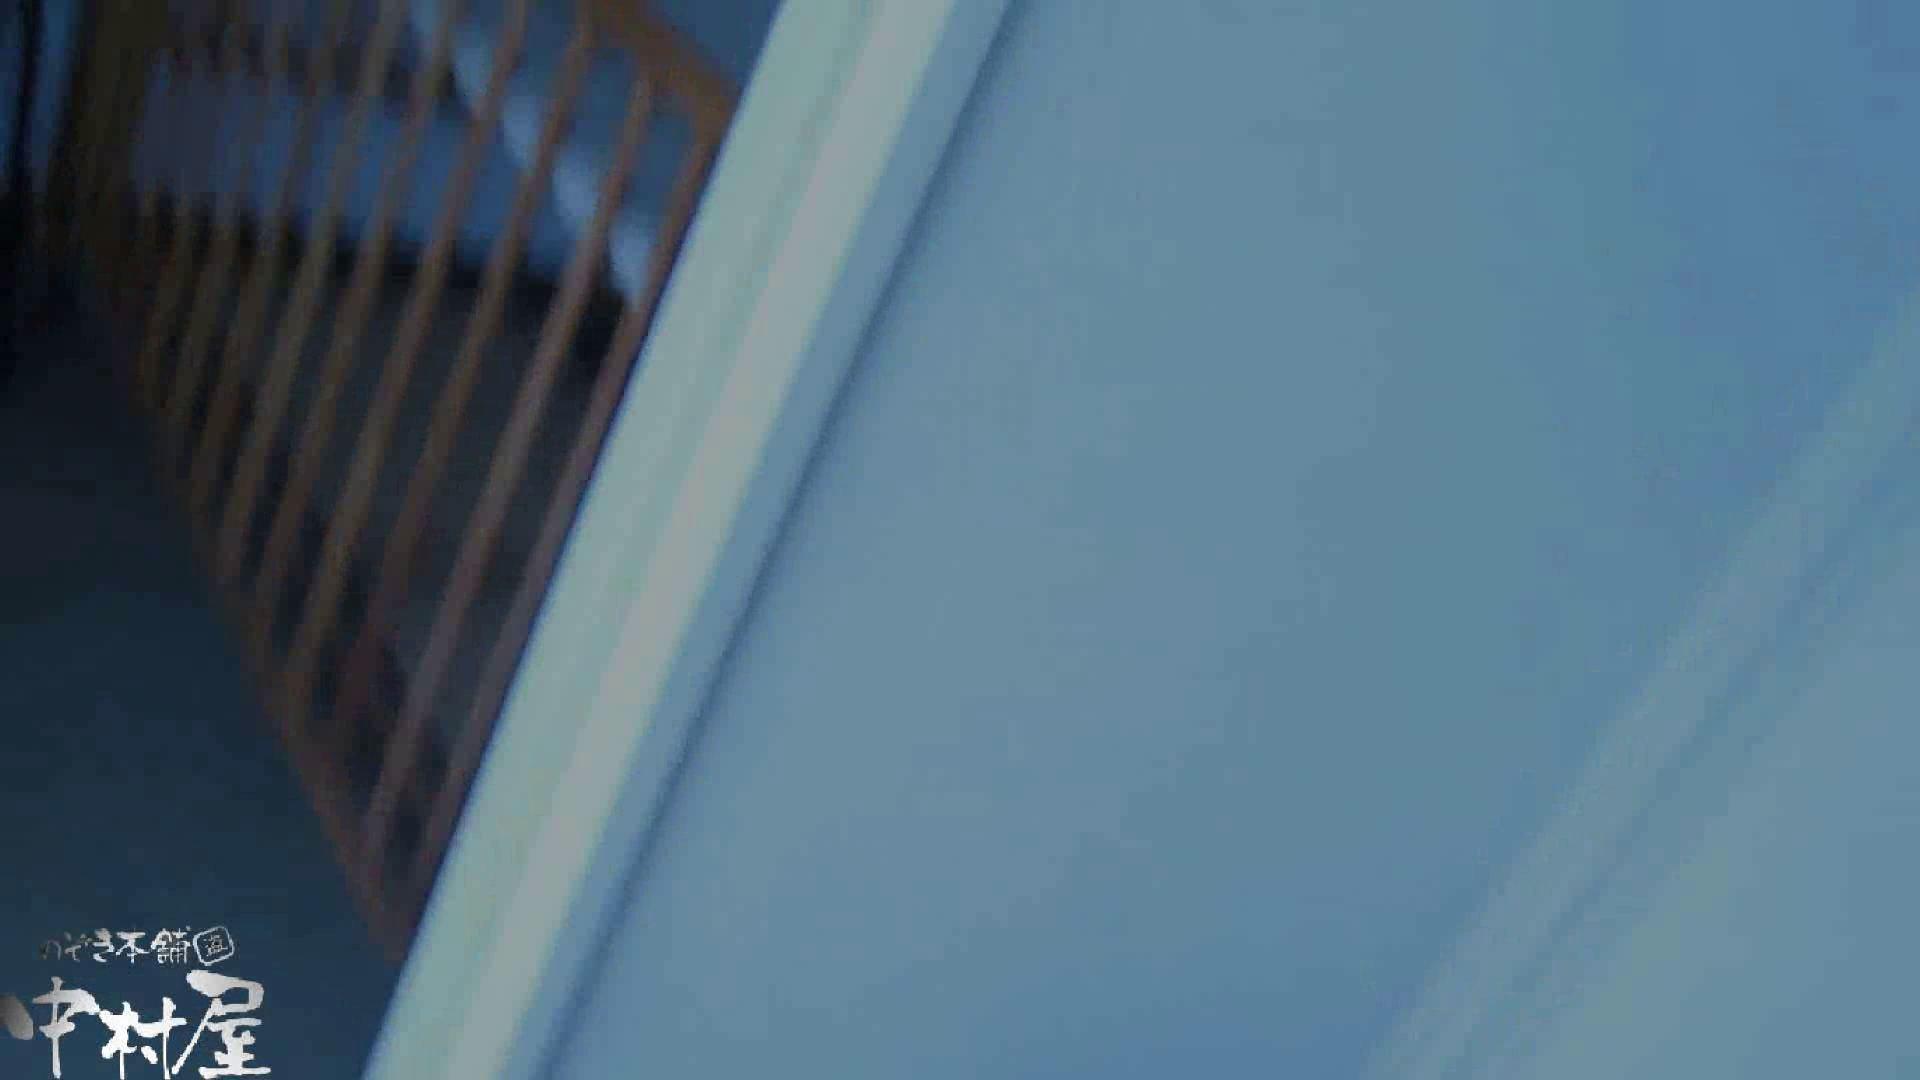 魂のかわや盗撮62連発! 脱肛お姉さん! 11発目! 盗撮シリーズ 戯れ無修正画像 86PIX 26